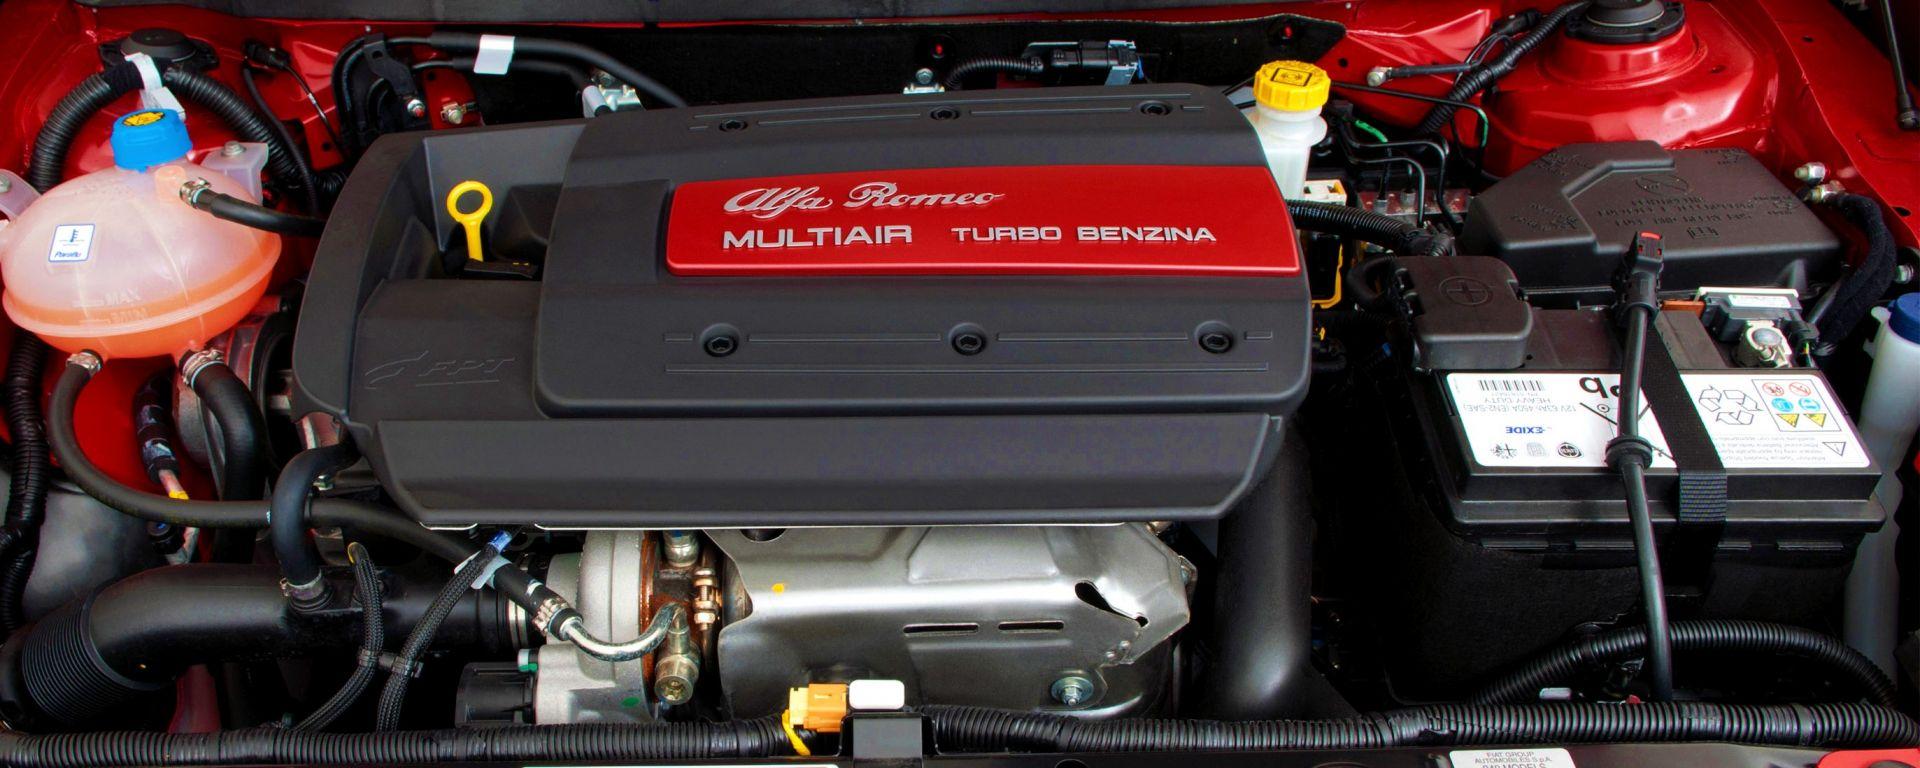 Staccare la batteria: a destra nel vano motore di un'Alfa Romeo Giulietta